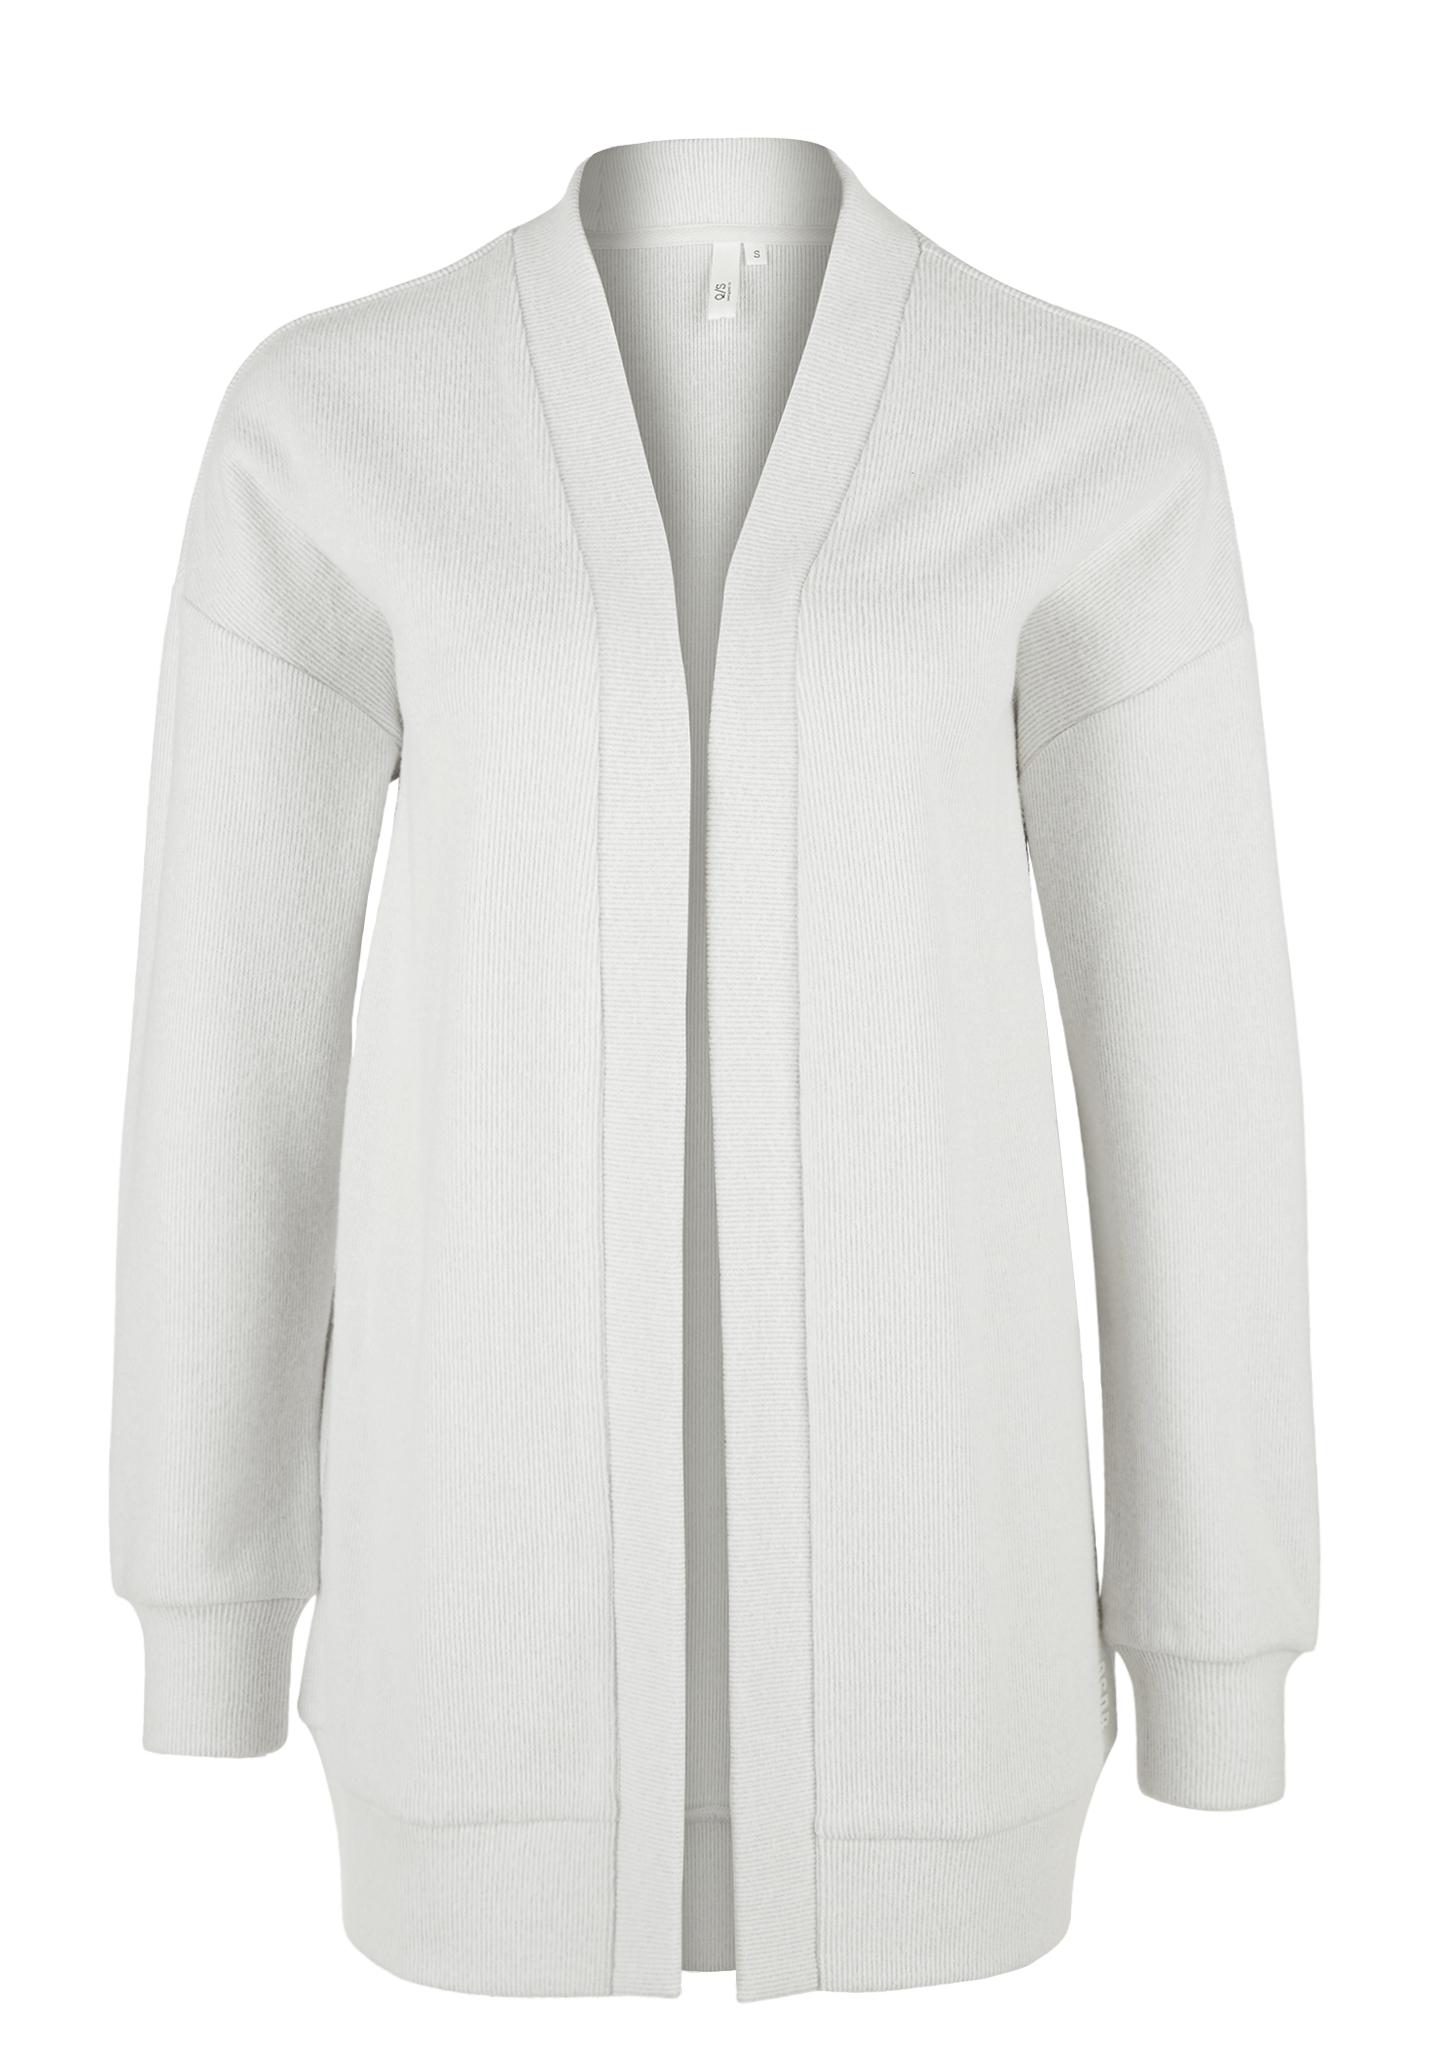 grau-69-polyester Sonstige Jacken für Damen online kaufen